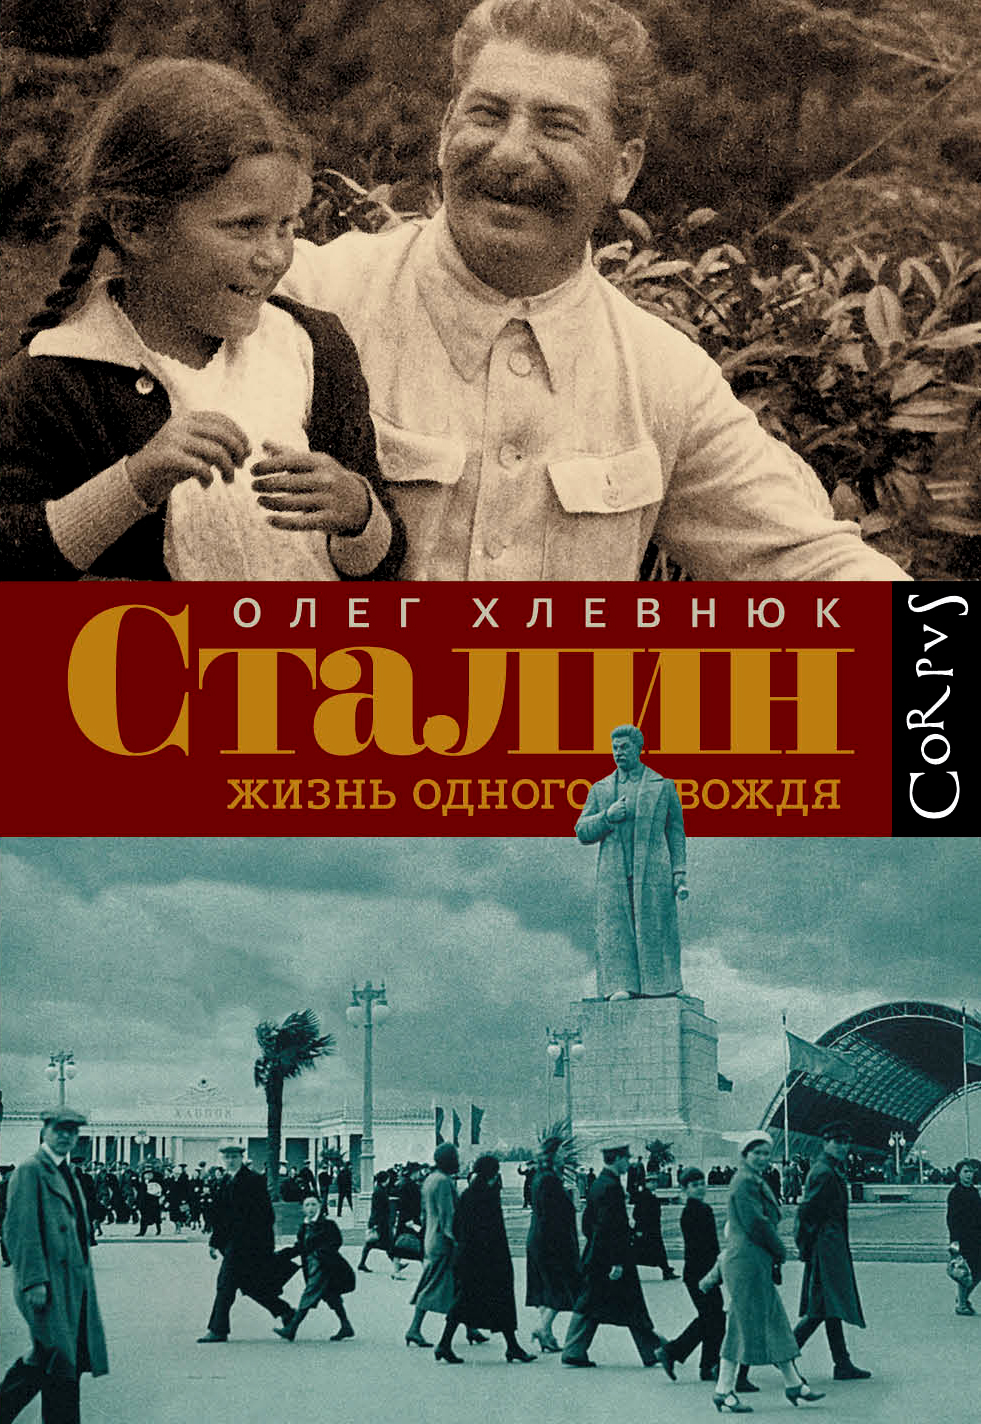 Олег Хлевнюк Сталин. Жизнь одного вождя хлевнюк о сталин жизнь одного вождя